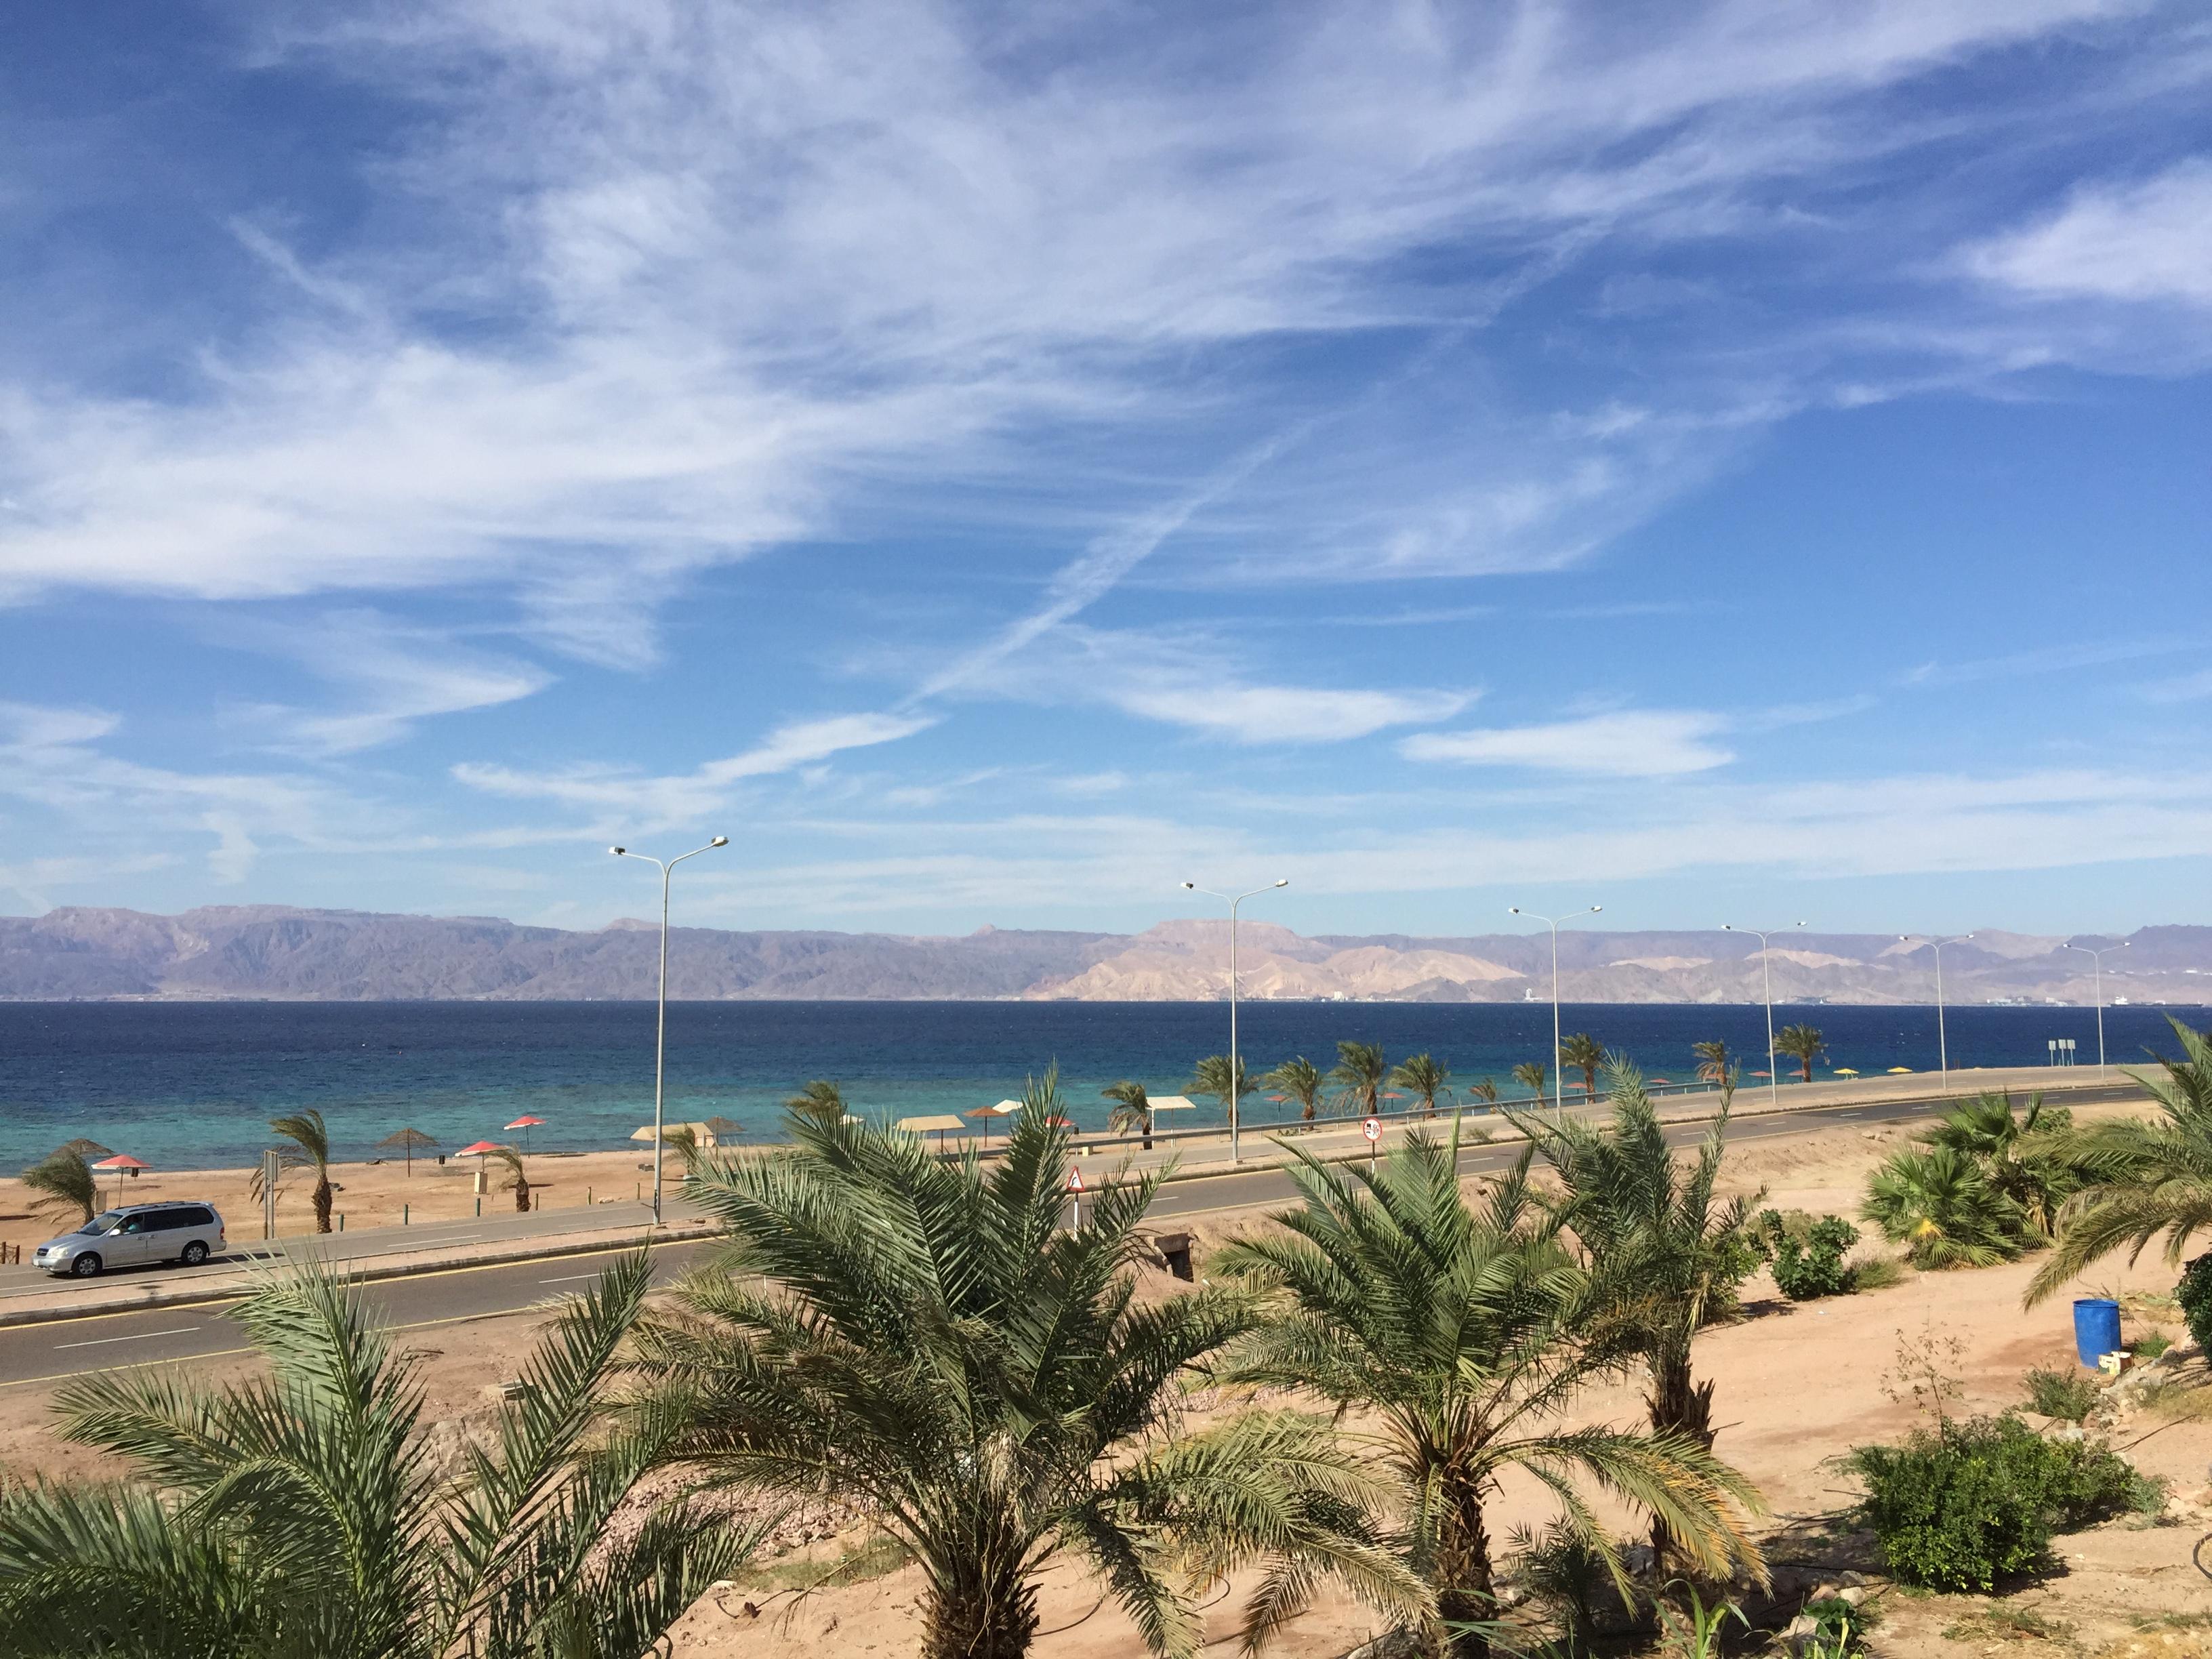 Golfo-Aqaba